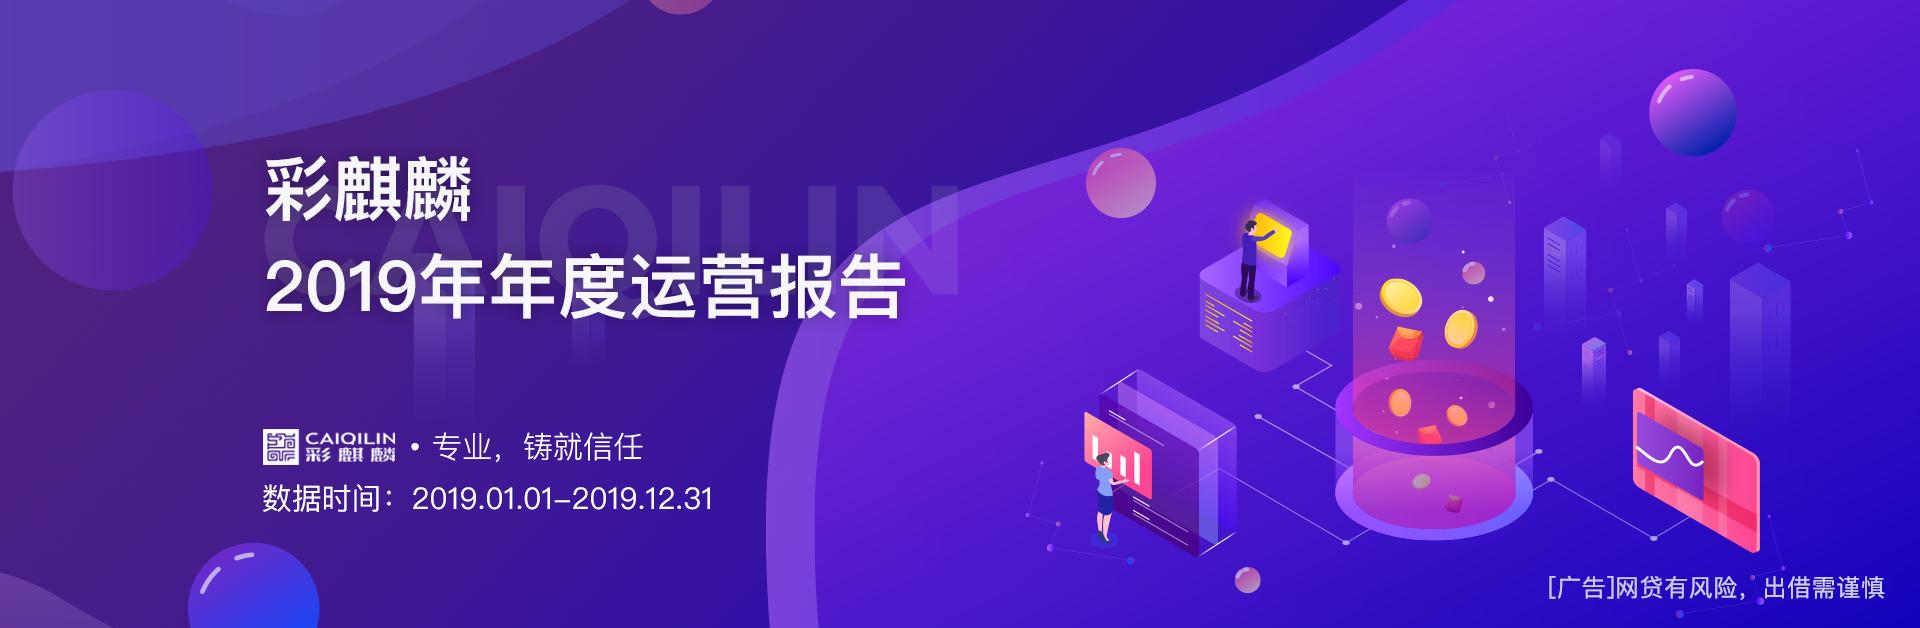 彩麒麟2019年年度运营报告PC